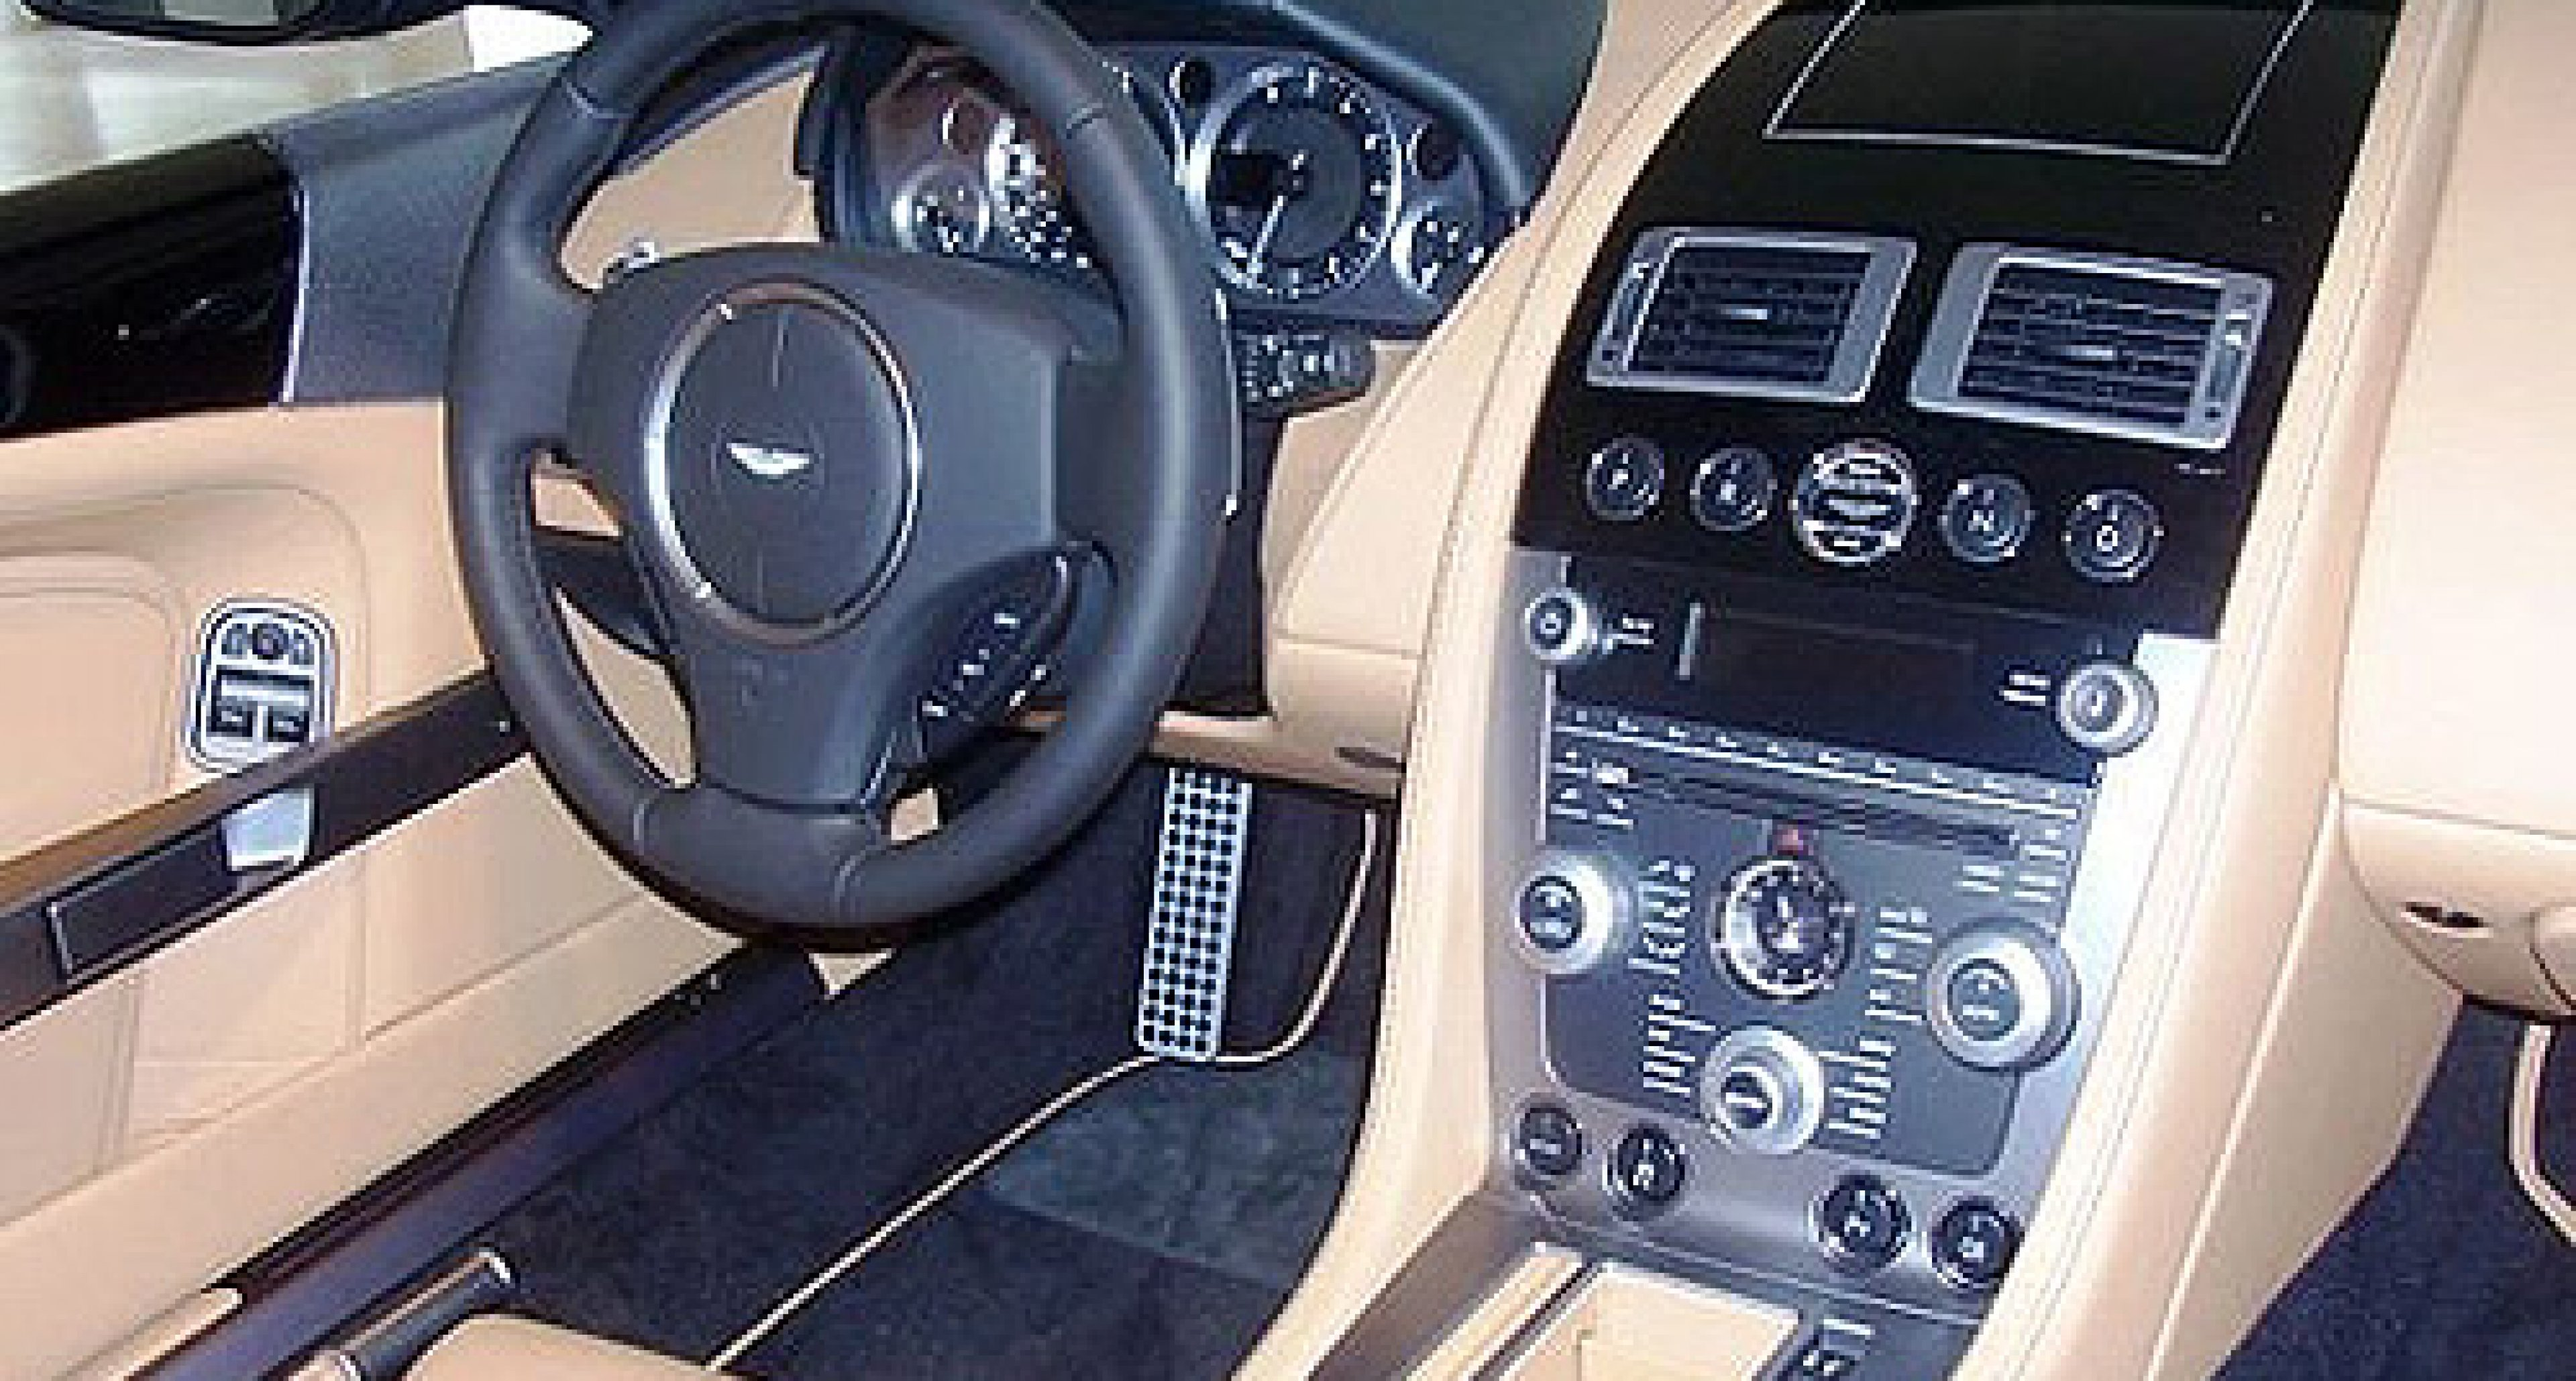 Dealer's Choice: Hauswirth Exclusiv Car empfiehlt...